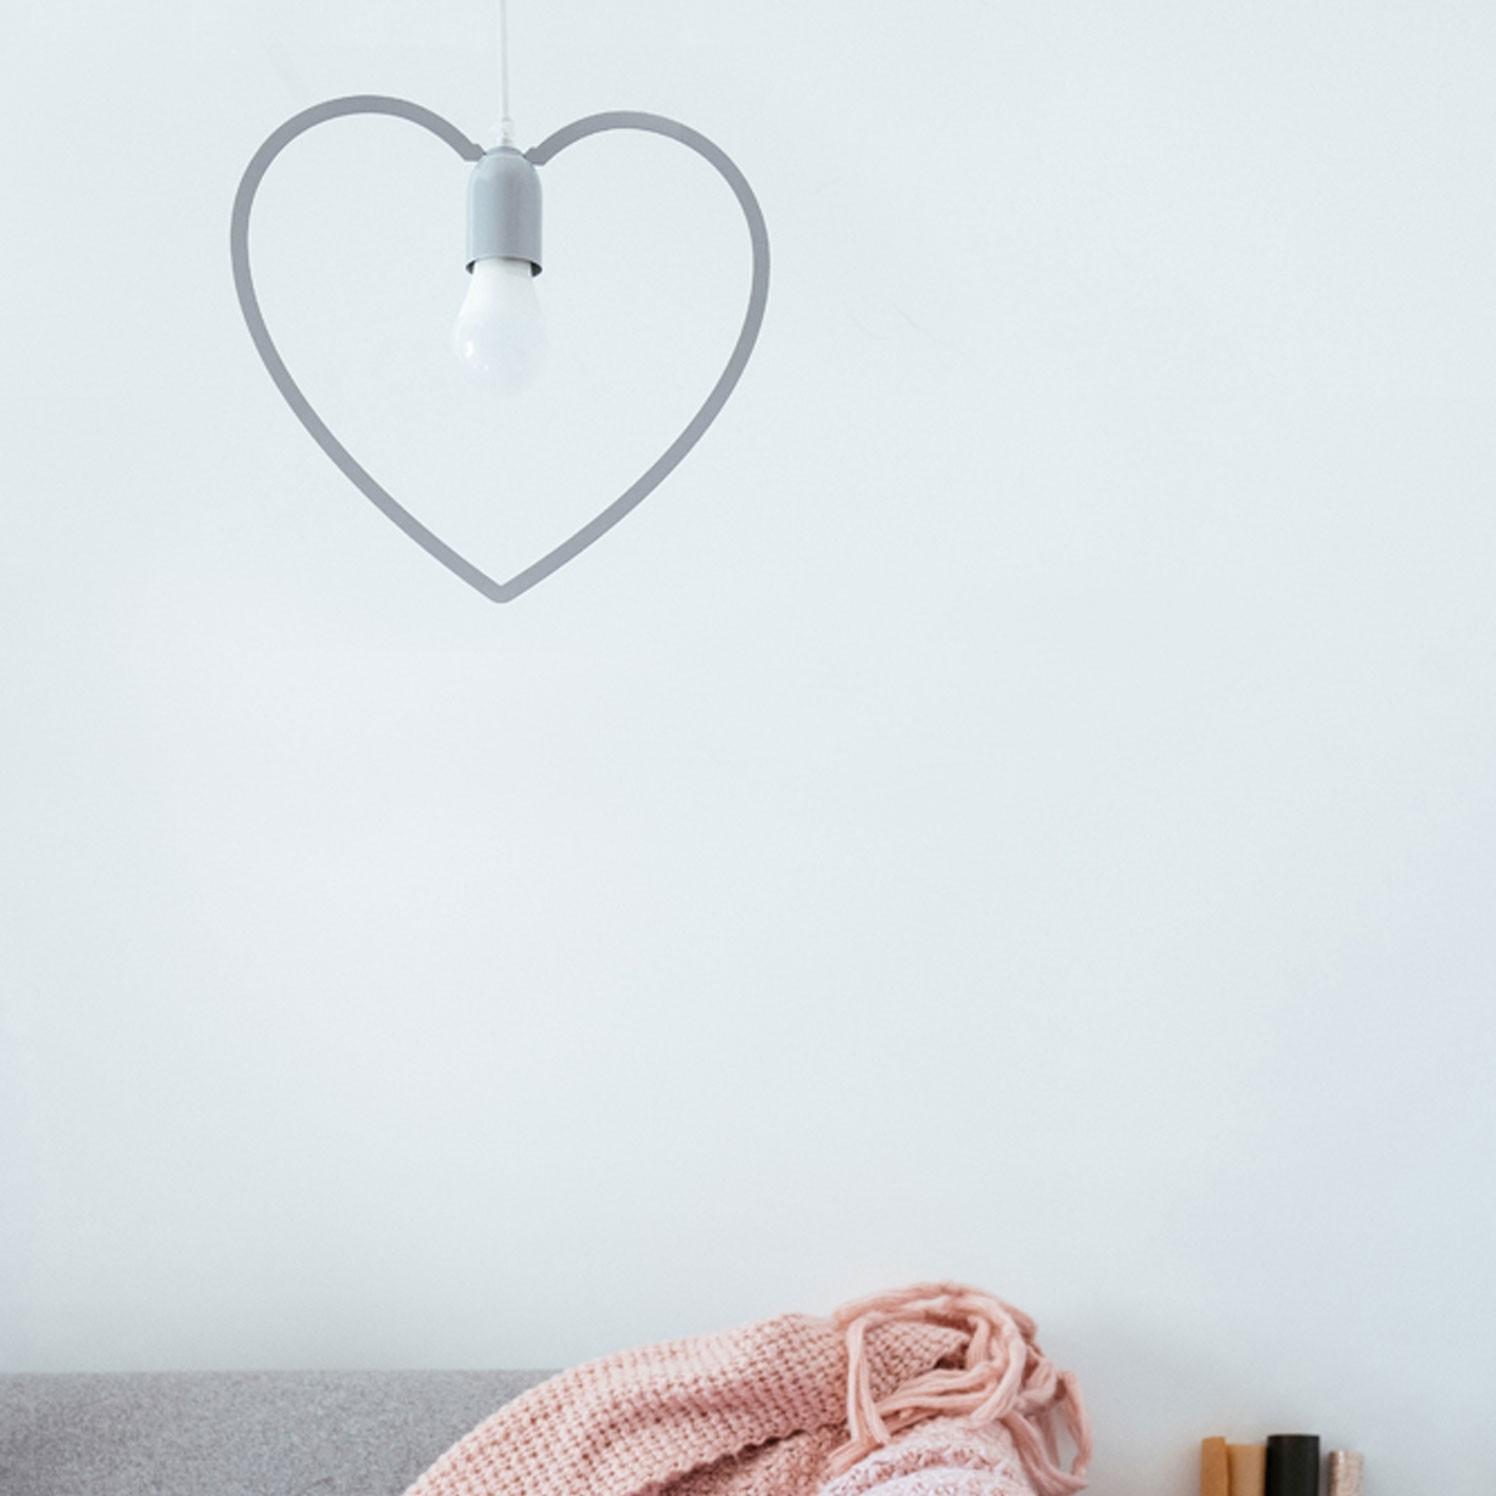 תאורה מהתיקרה בצורת לב אפור